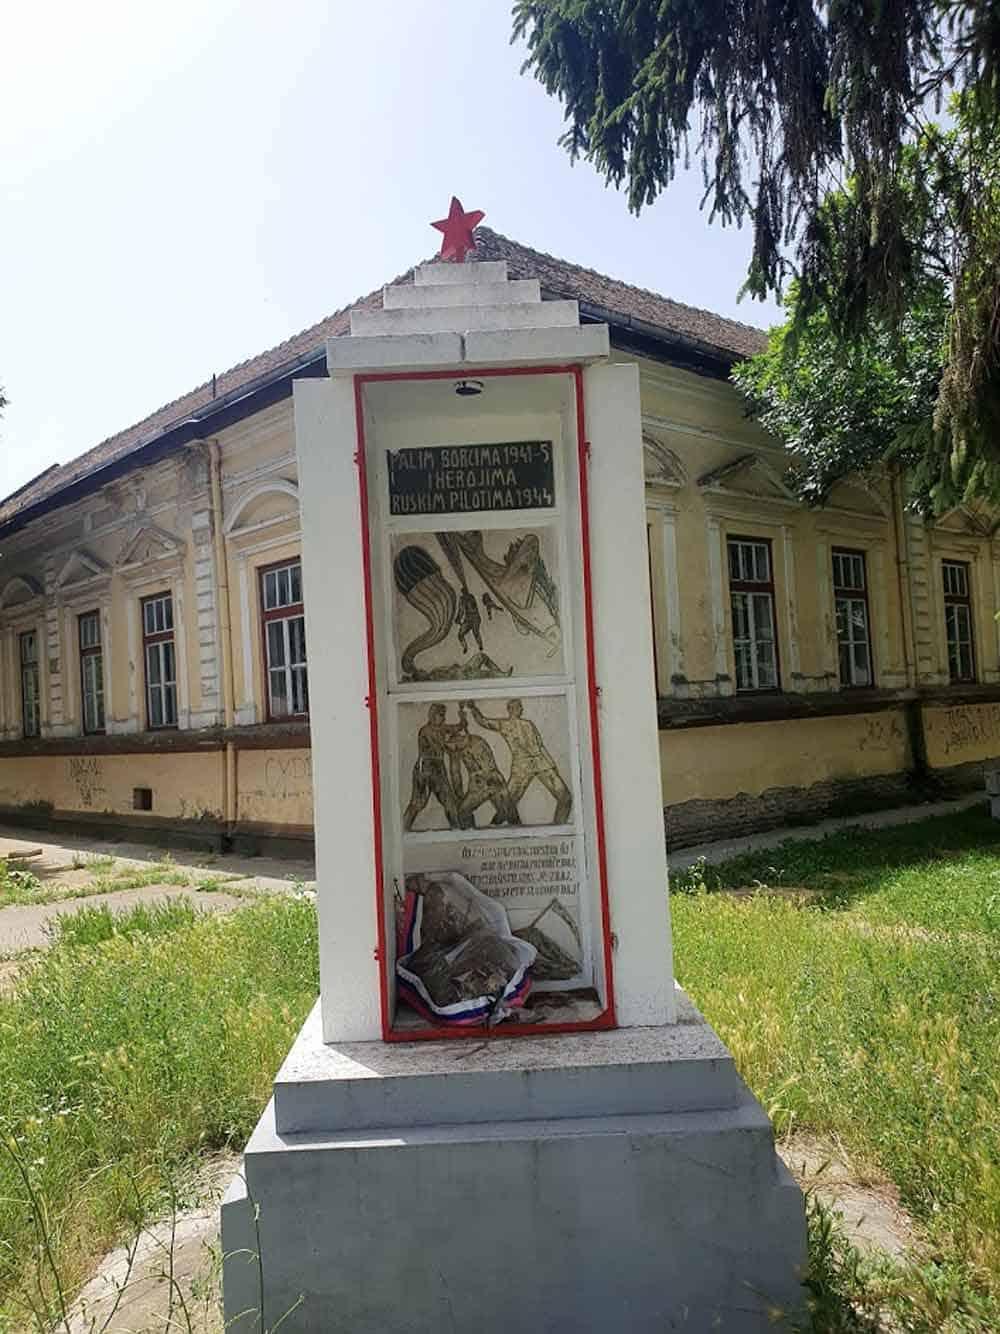 POČAST: Spomenik Sovjetskim pilotima u Sonti